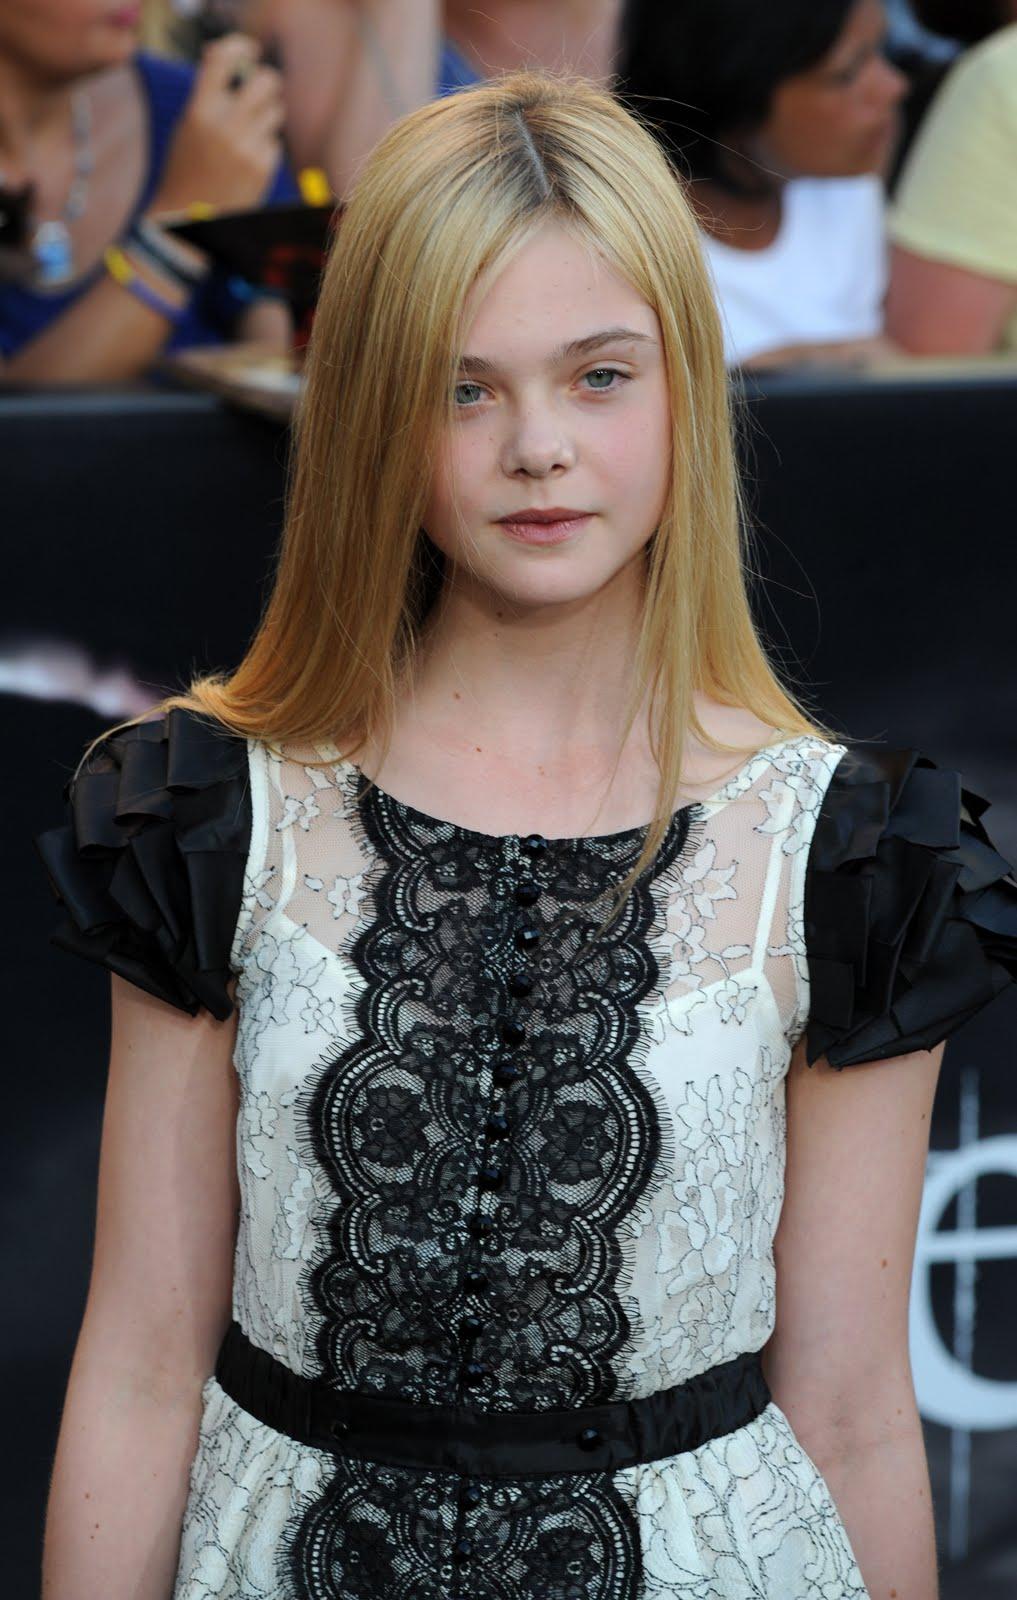 Elle Fanning Photo 31661692: Showcasing Talented Girls World Wide: Elle Fanning